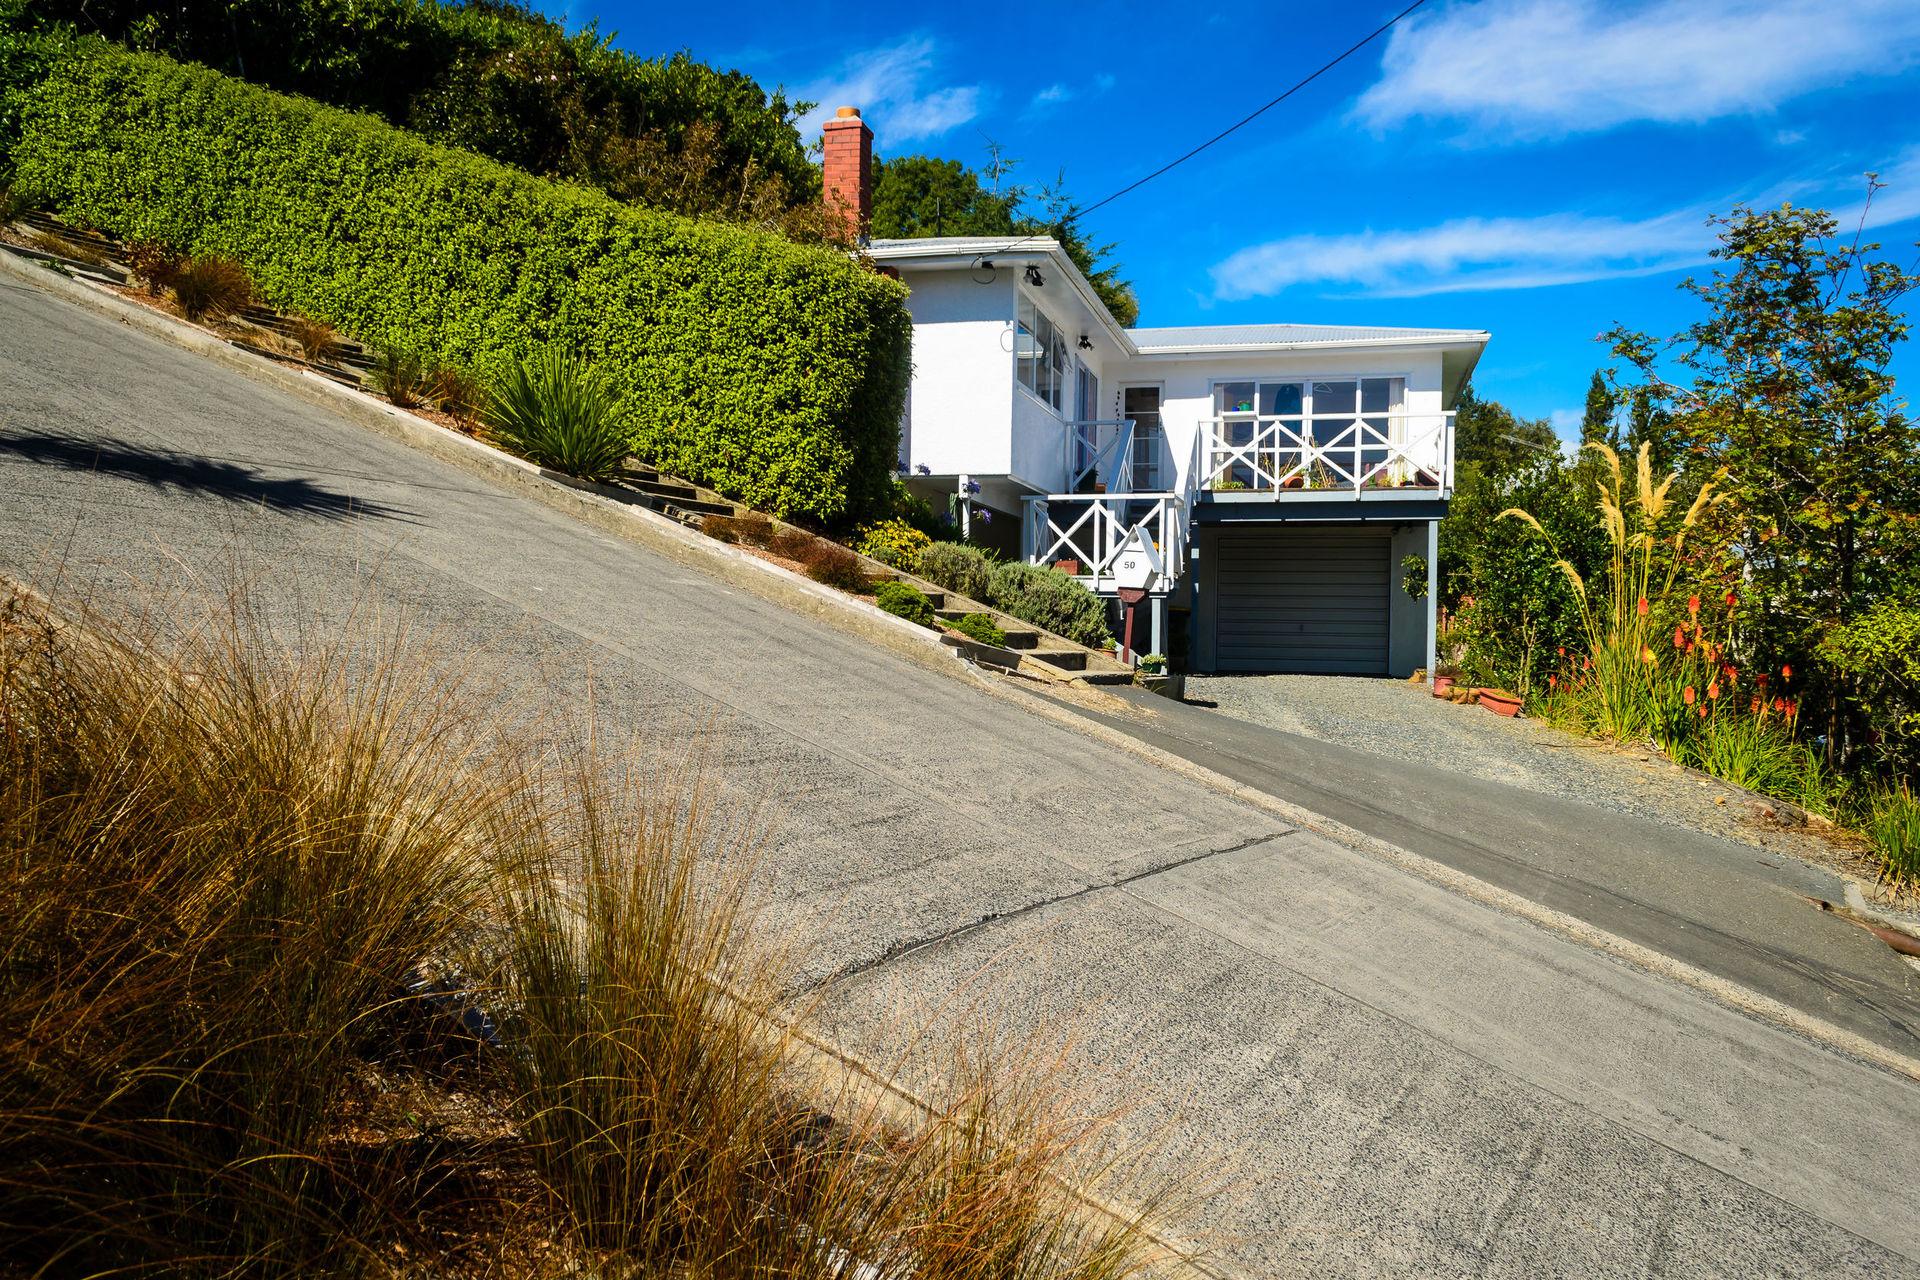 Dunedin Surveyor believes Baldwin St is steeper